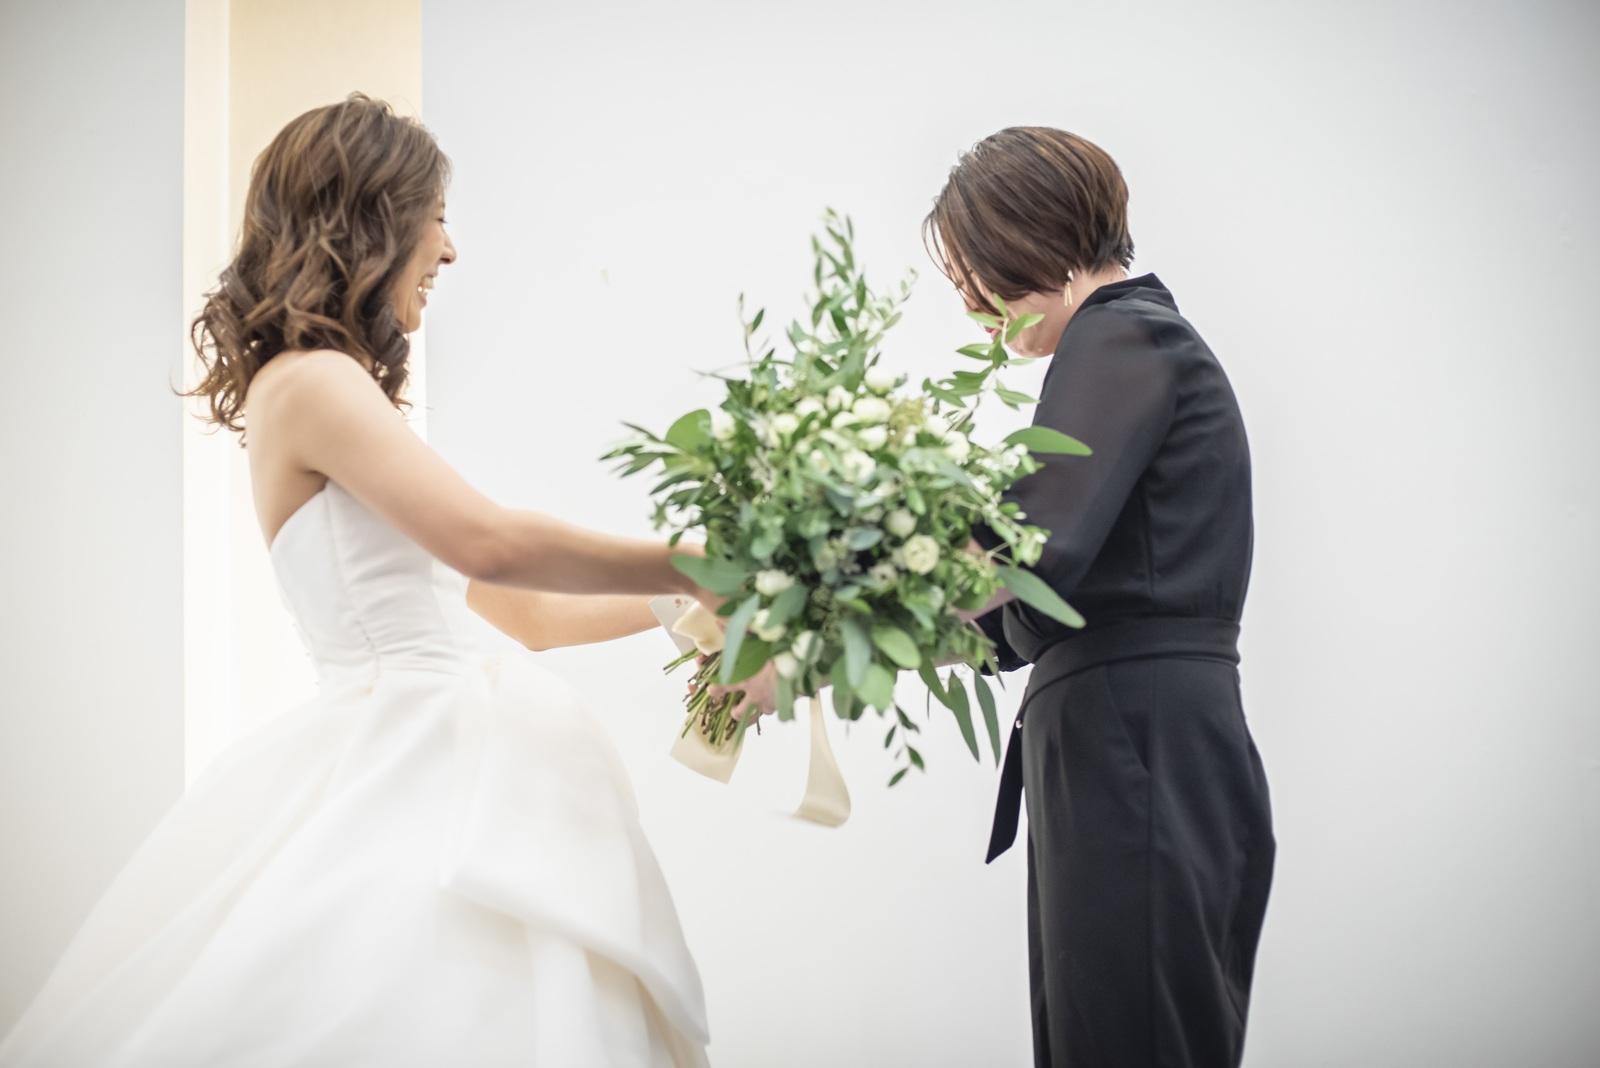 香川県の結婚式場シェルエメール&アイスタイルのブーケプレゼント